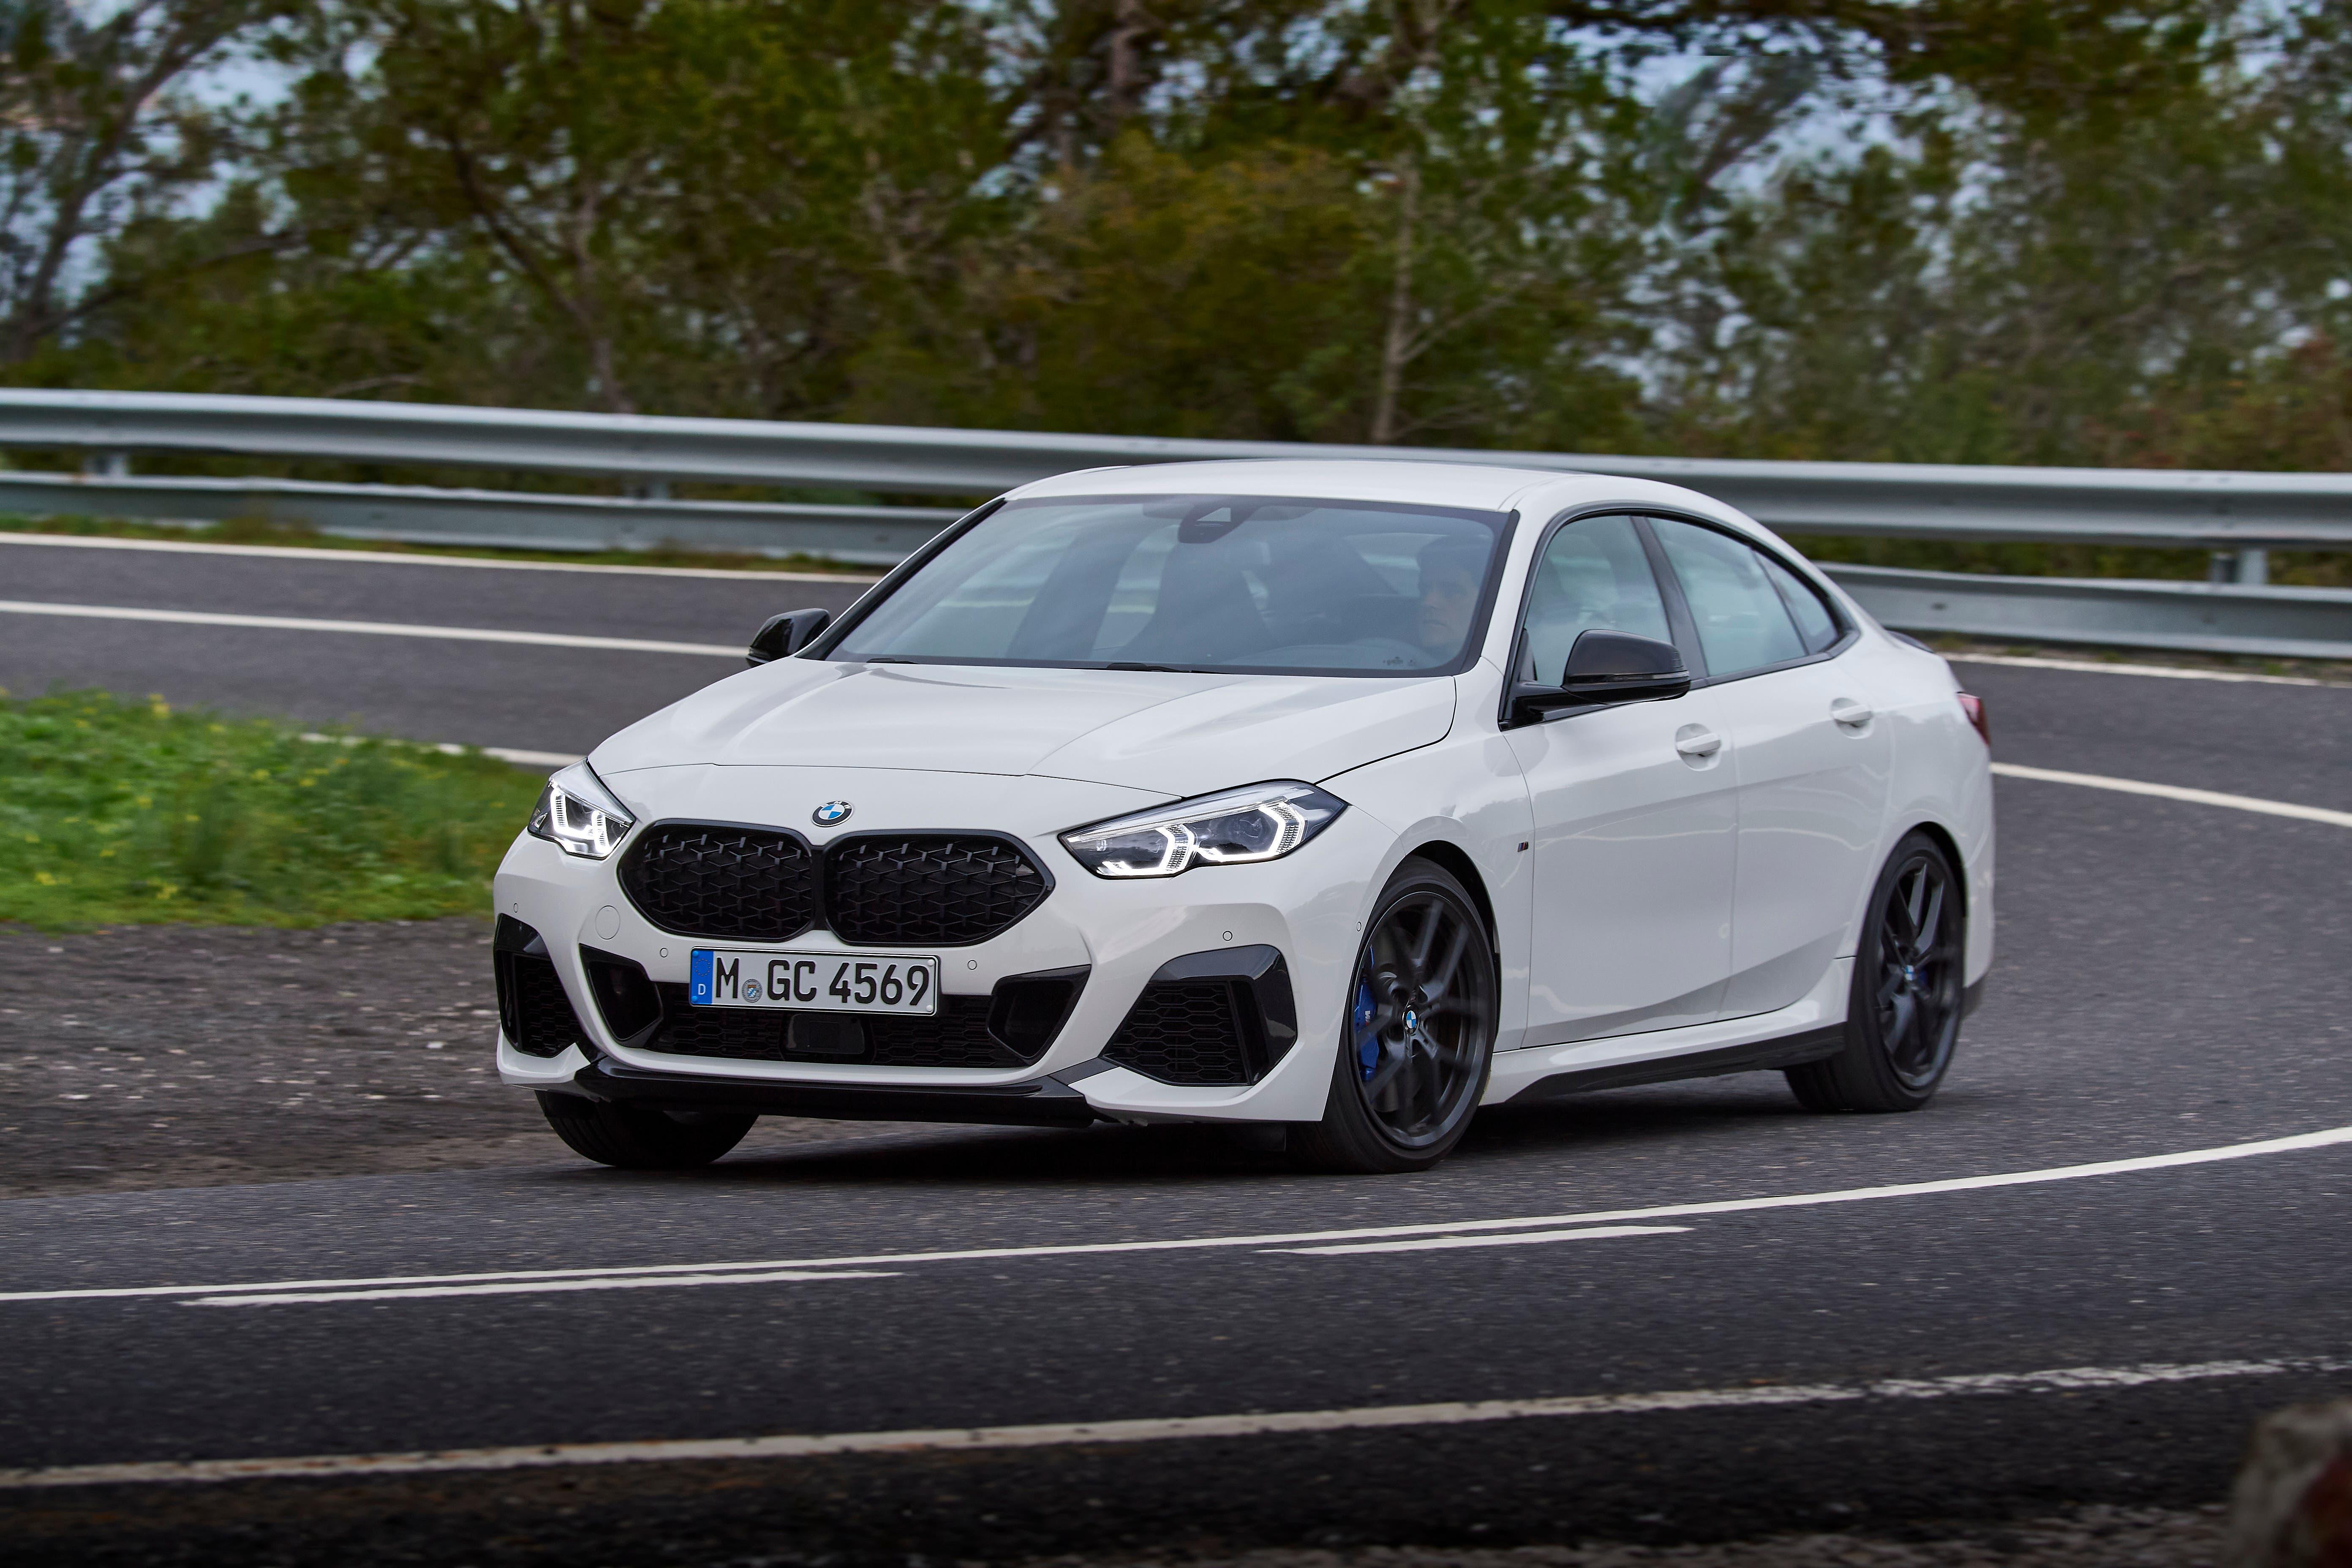 Dynamisch um die Kurve: Das 2er Gran Coupé überzeugt dank ausgetüftelter Technik mit guten Fahreigenschaften.